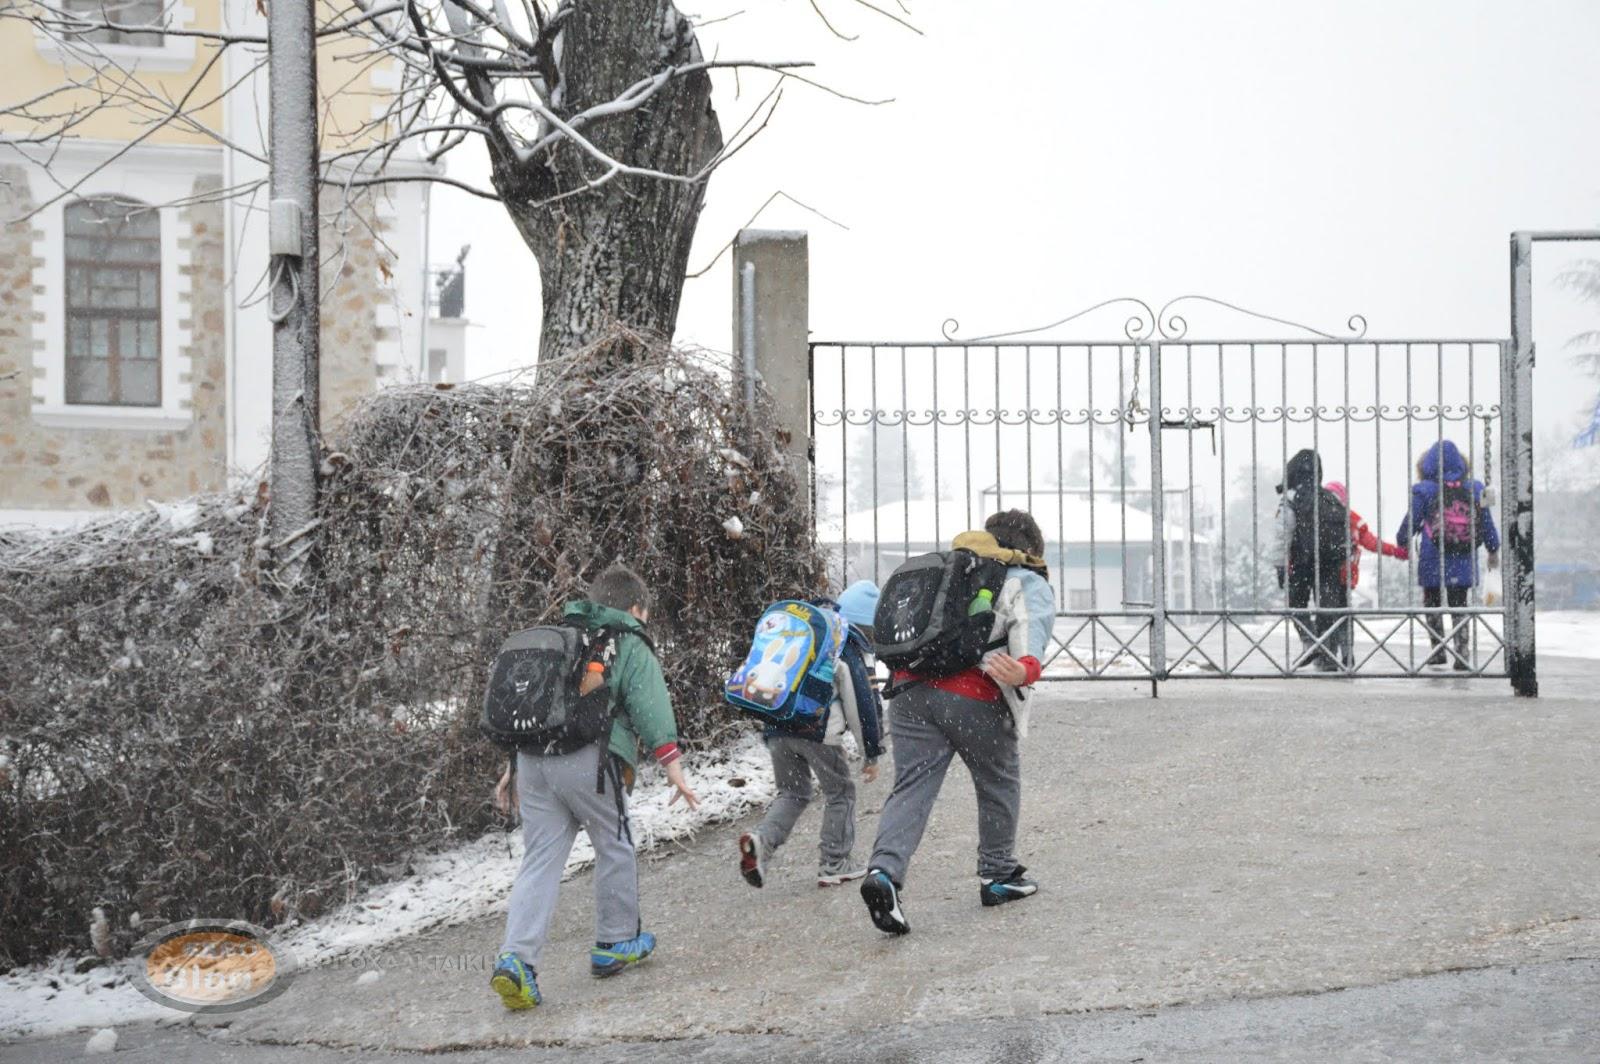 Αύριο Παρασκευή 7 Φεβρουαρίου, όλα τα σχολεία του Δήμου Αριστοτέλη θα λειτουργήσουν κανονικά.